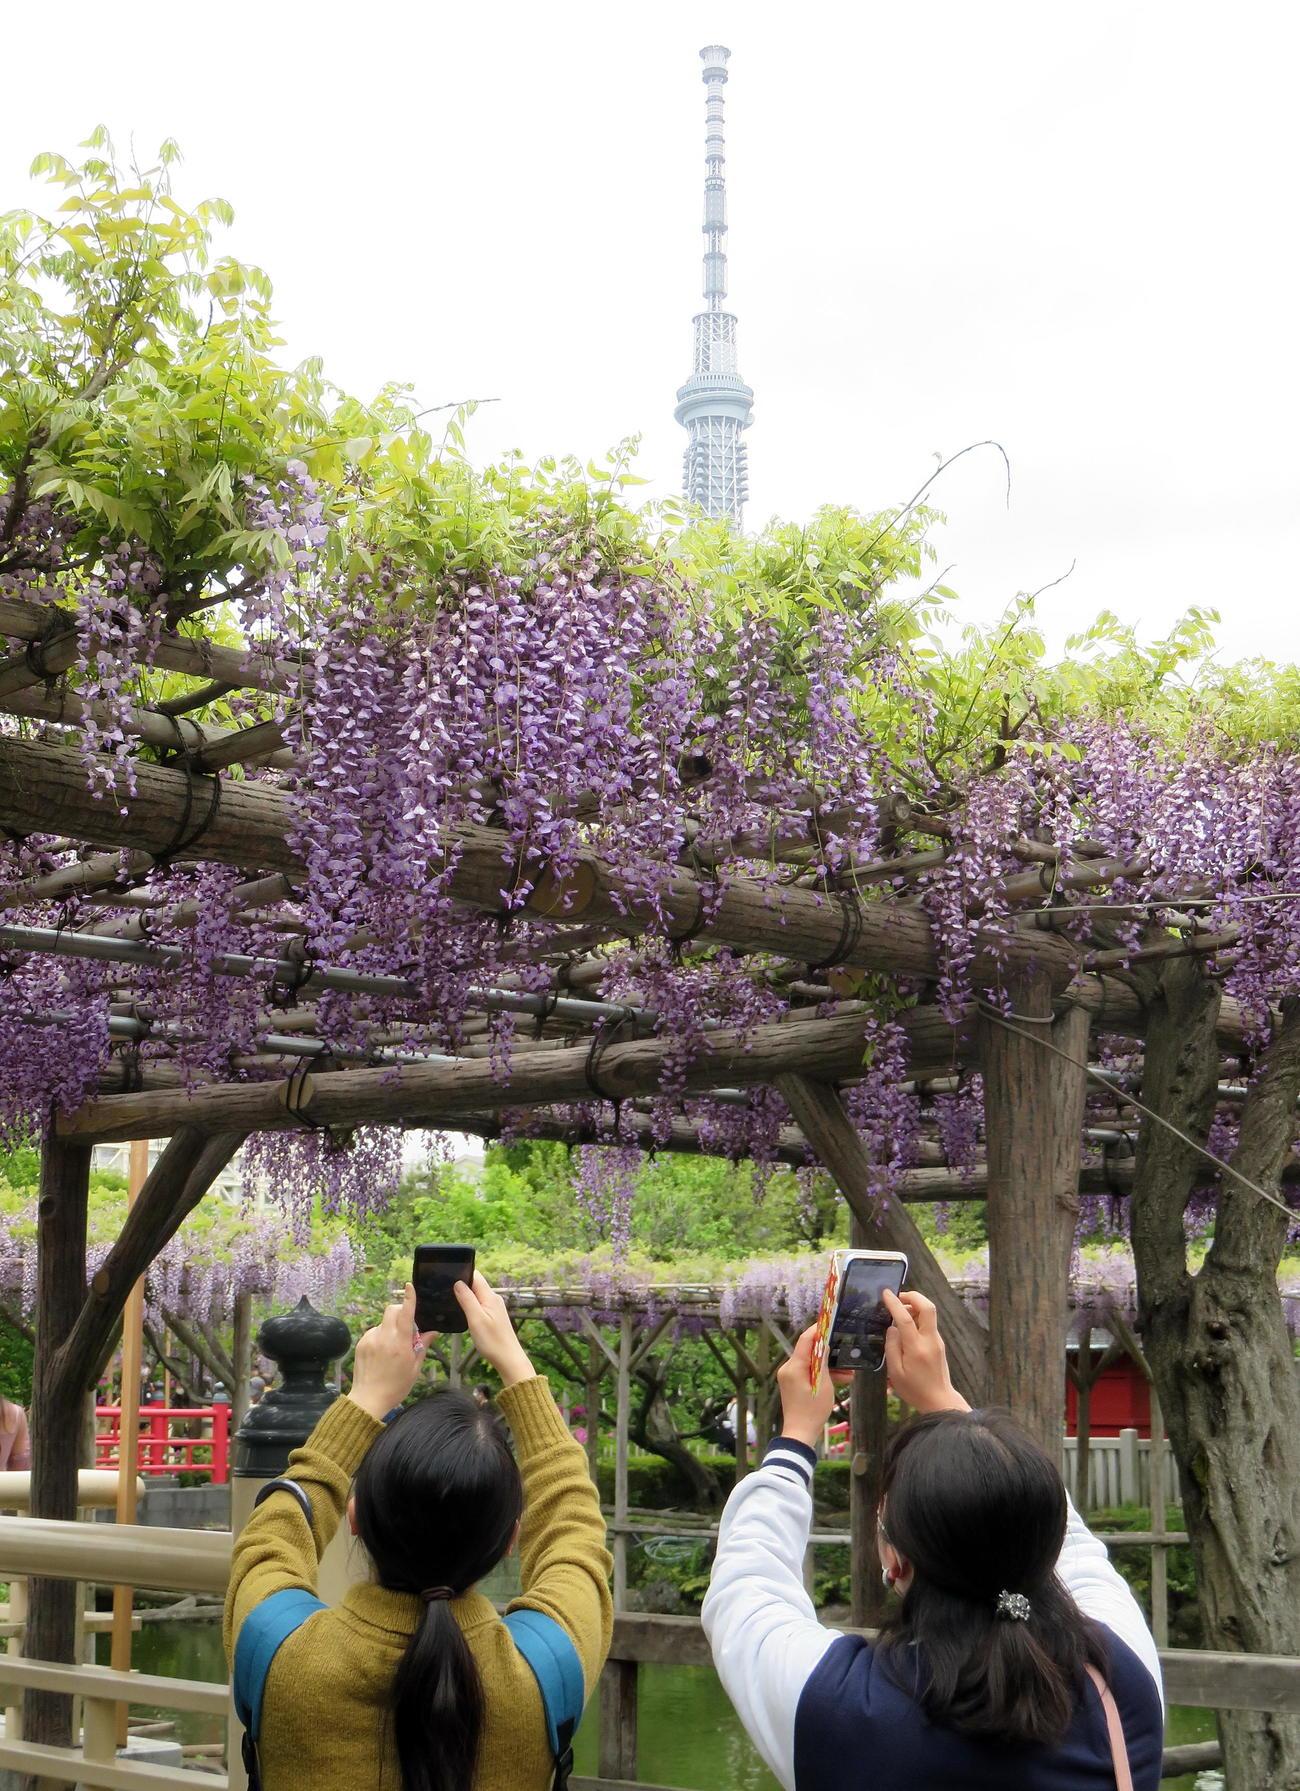 「藤まつり」が開催されている亀戸天神社の藤の花を東京スカイツリーと一緒に撮影する来訪者たち(撮影・鎌田直秀)